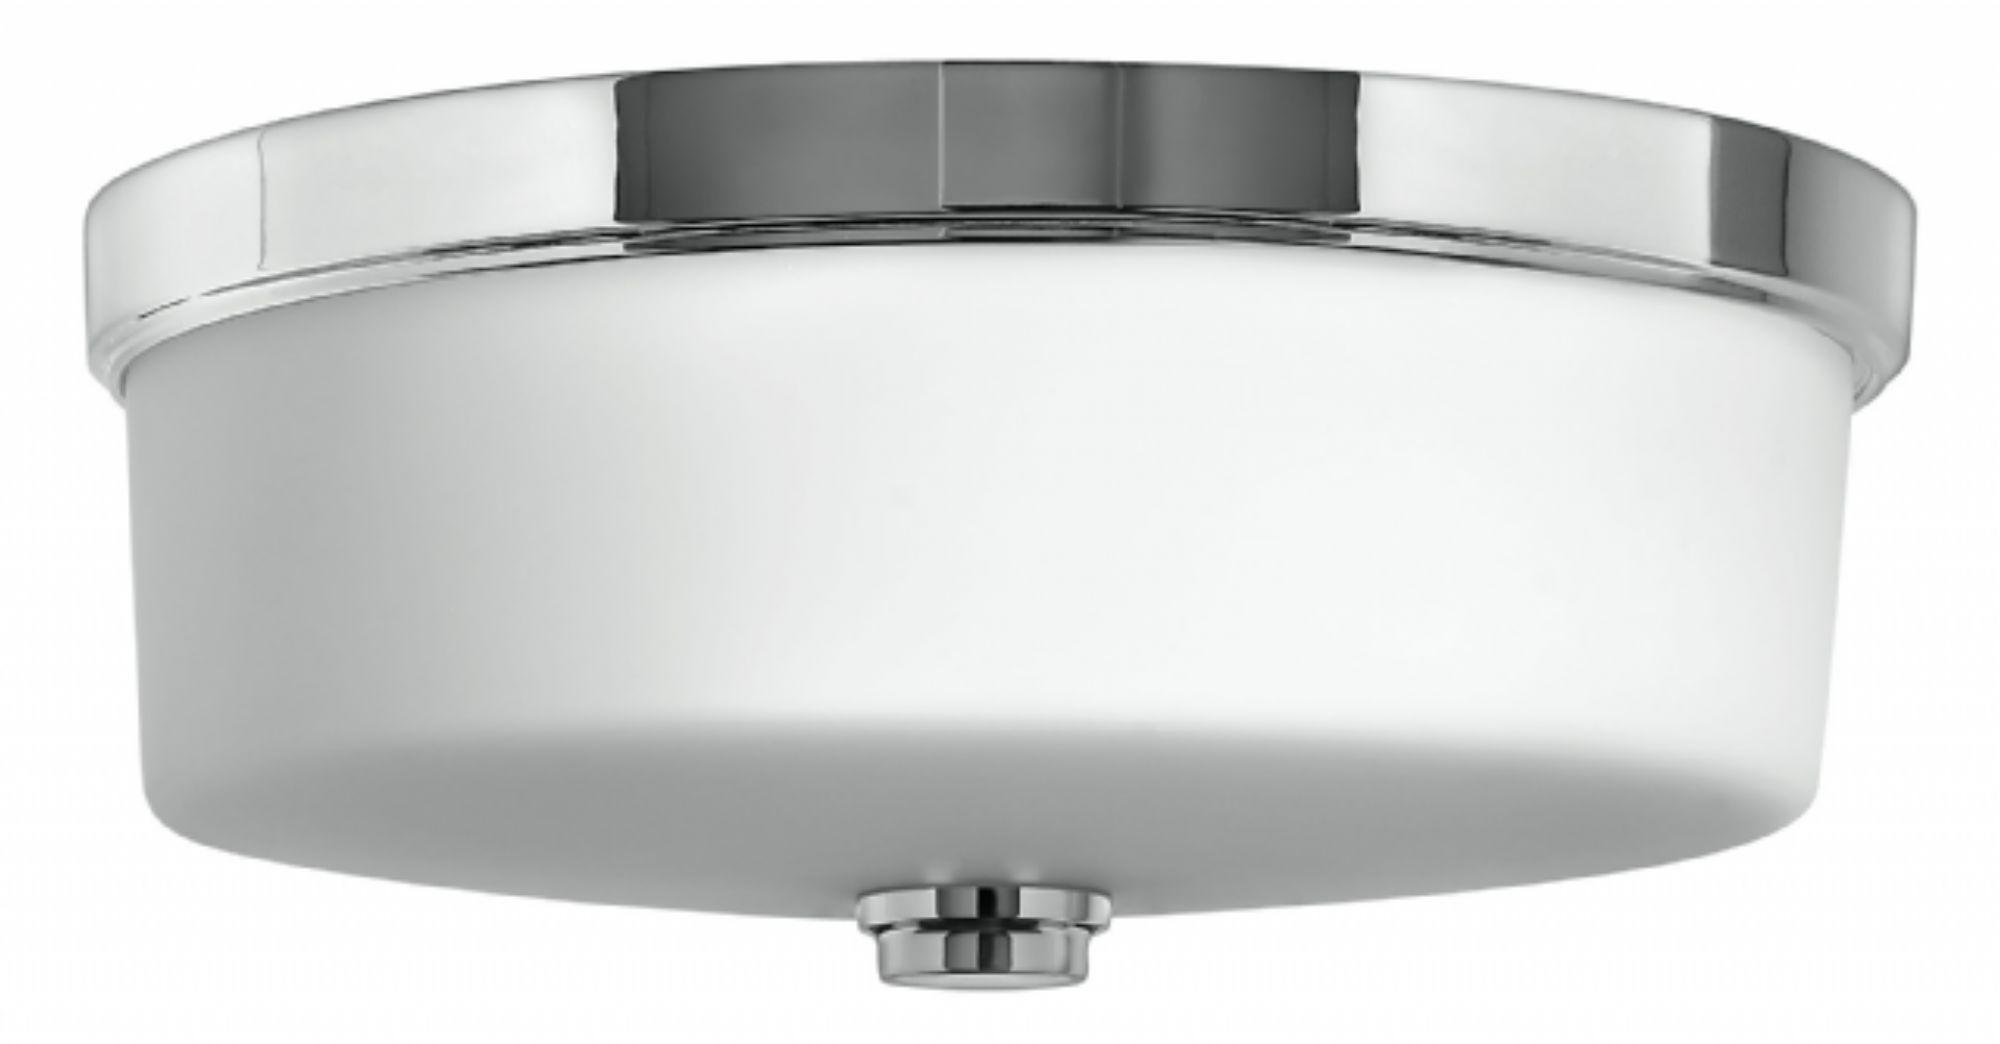 Preferred Flush Mount Hinkley Lighting For Chrome Flush Mount > Interior Ceiling Mount (View 20 of 20)